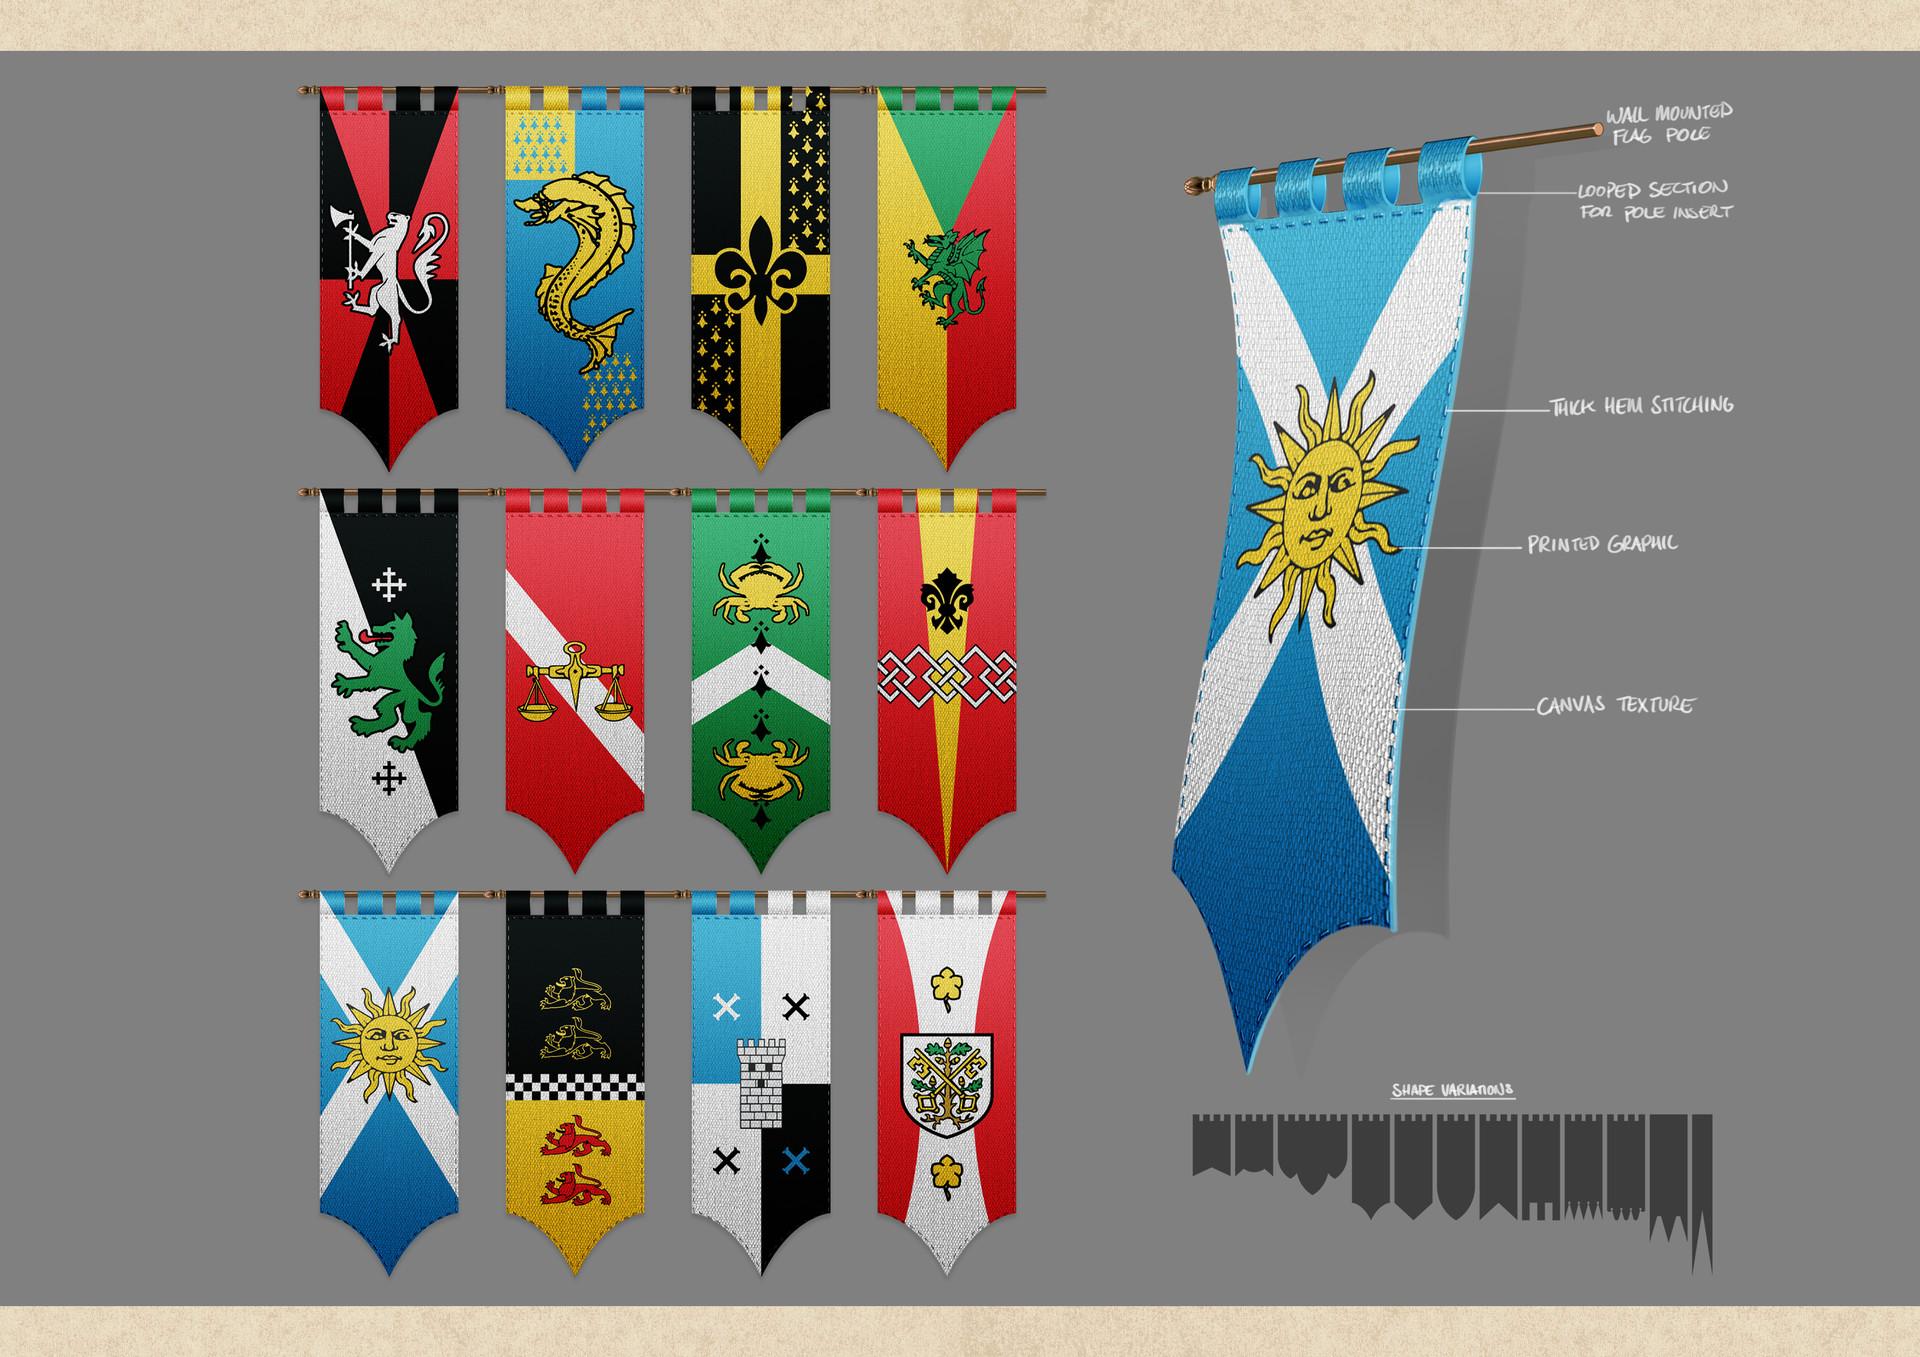 Tudor morris banners paint up